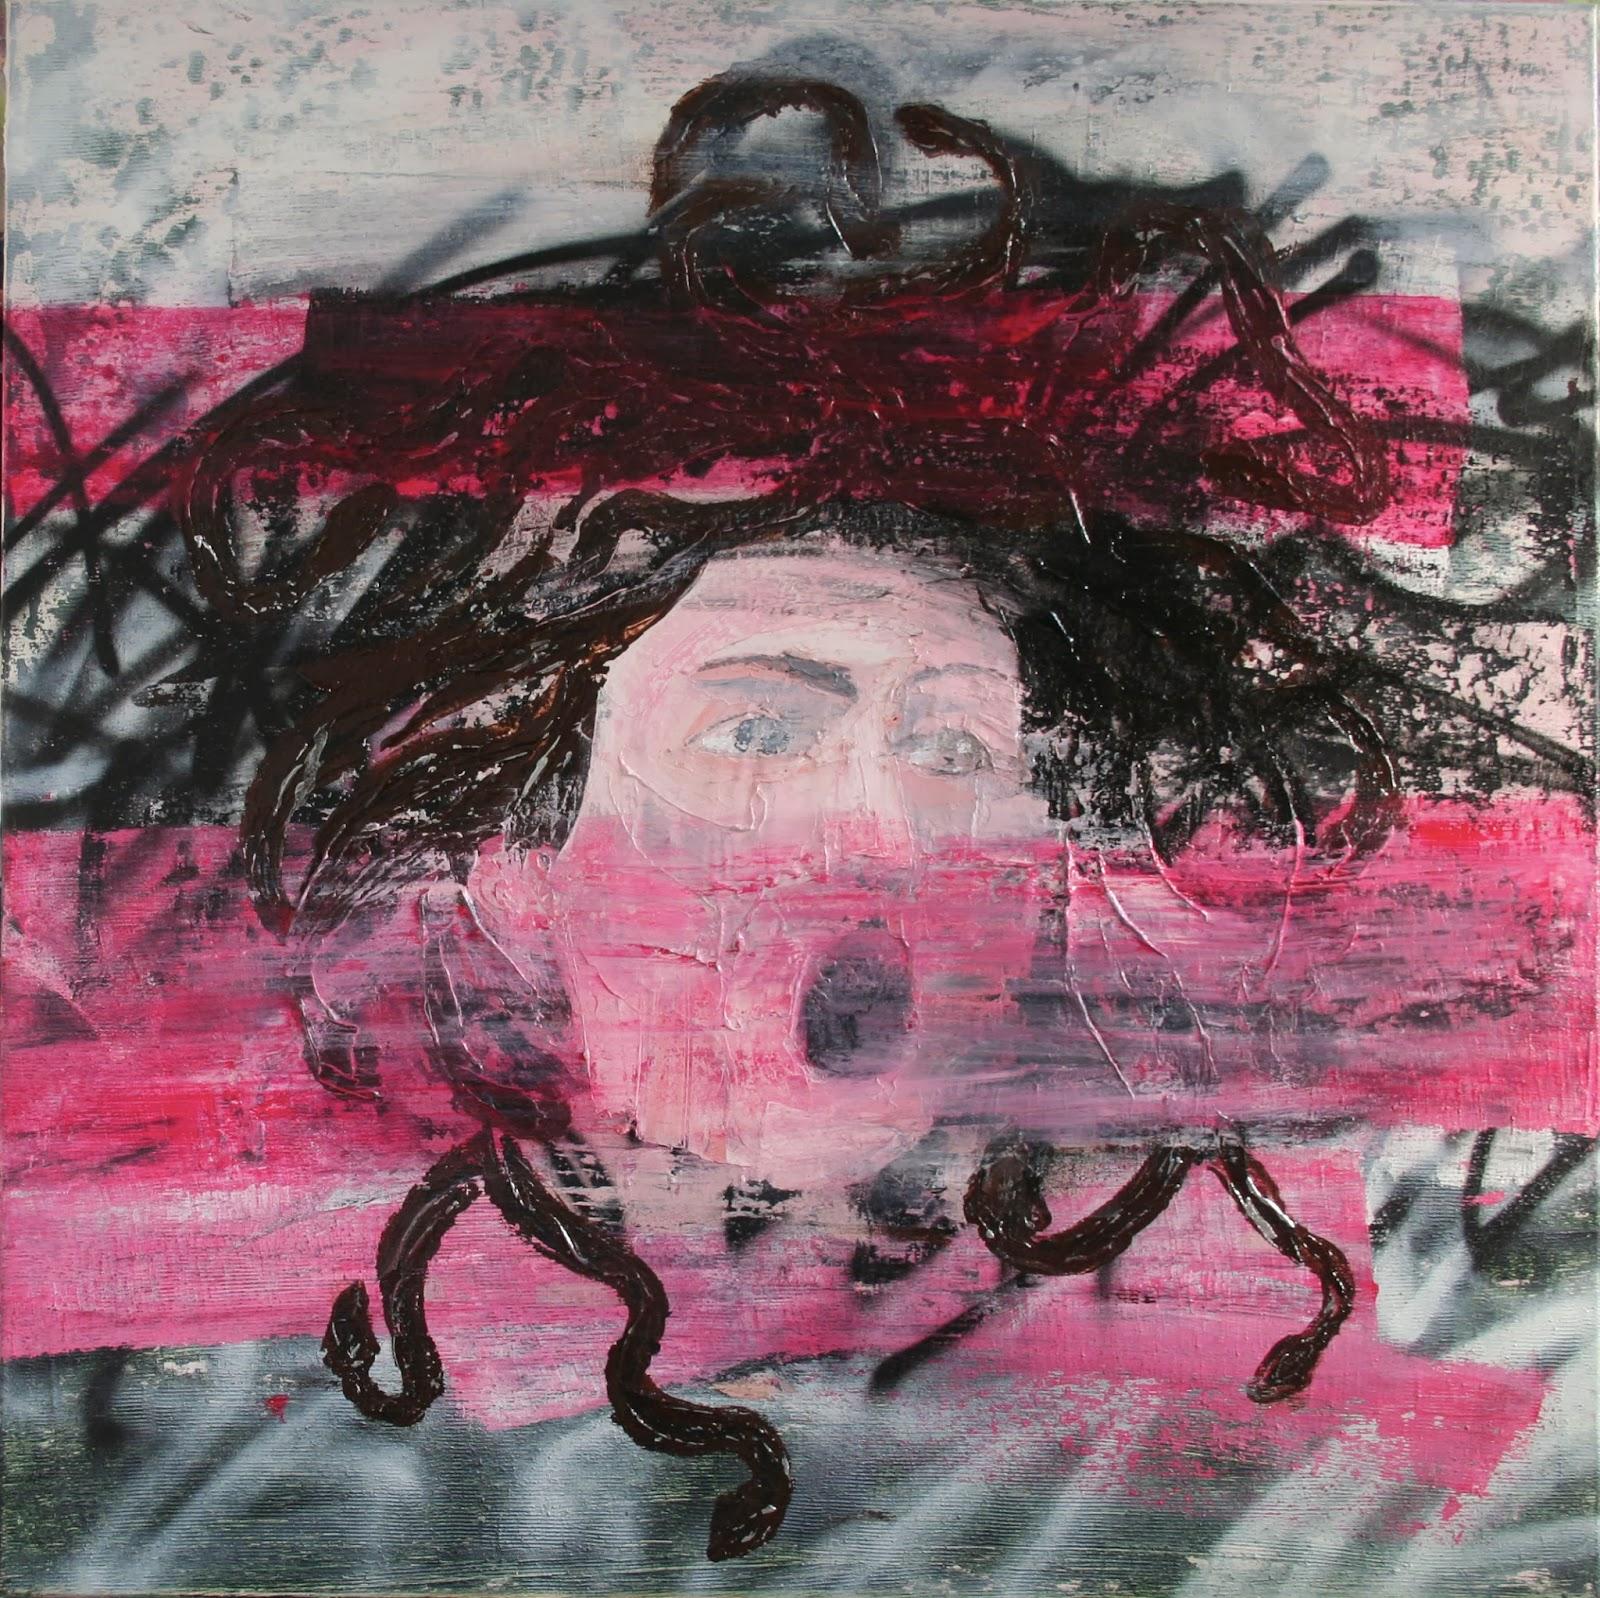 """Le cri de Méduse Peinture aérosol et acrylique sur toile 100 x 100 cm - (Le Caravage, """"Tête de Méduse"""") © Éric Citerne"""